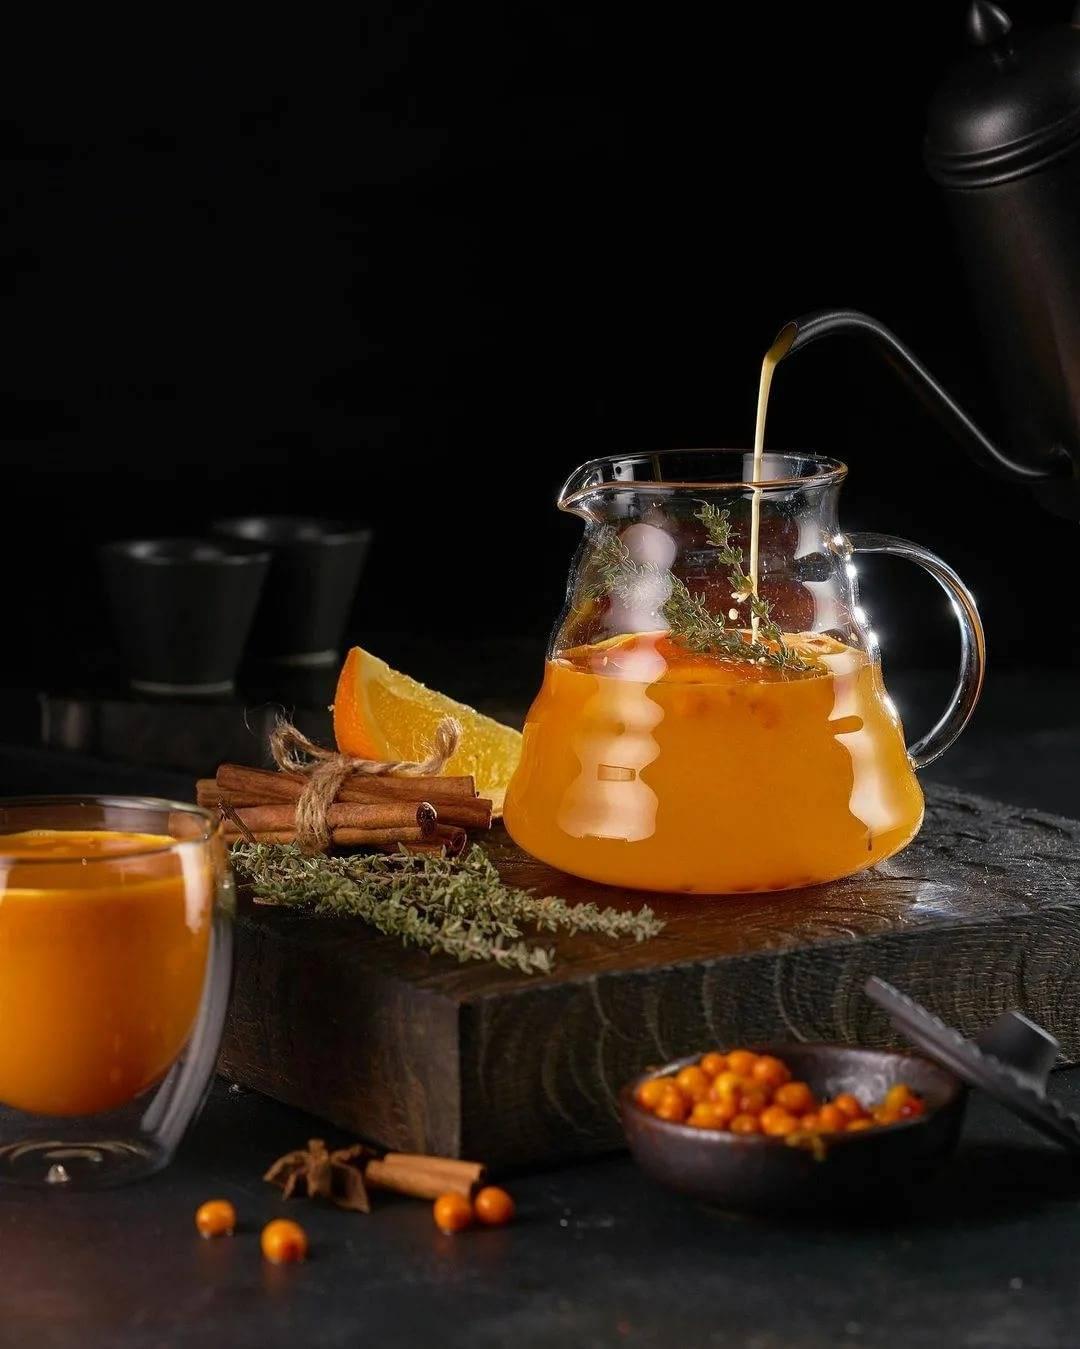 Облепиховый чай: лучшие рецепты, польза и вред, секреты приготовления